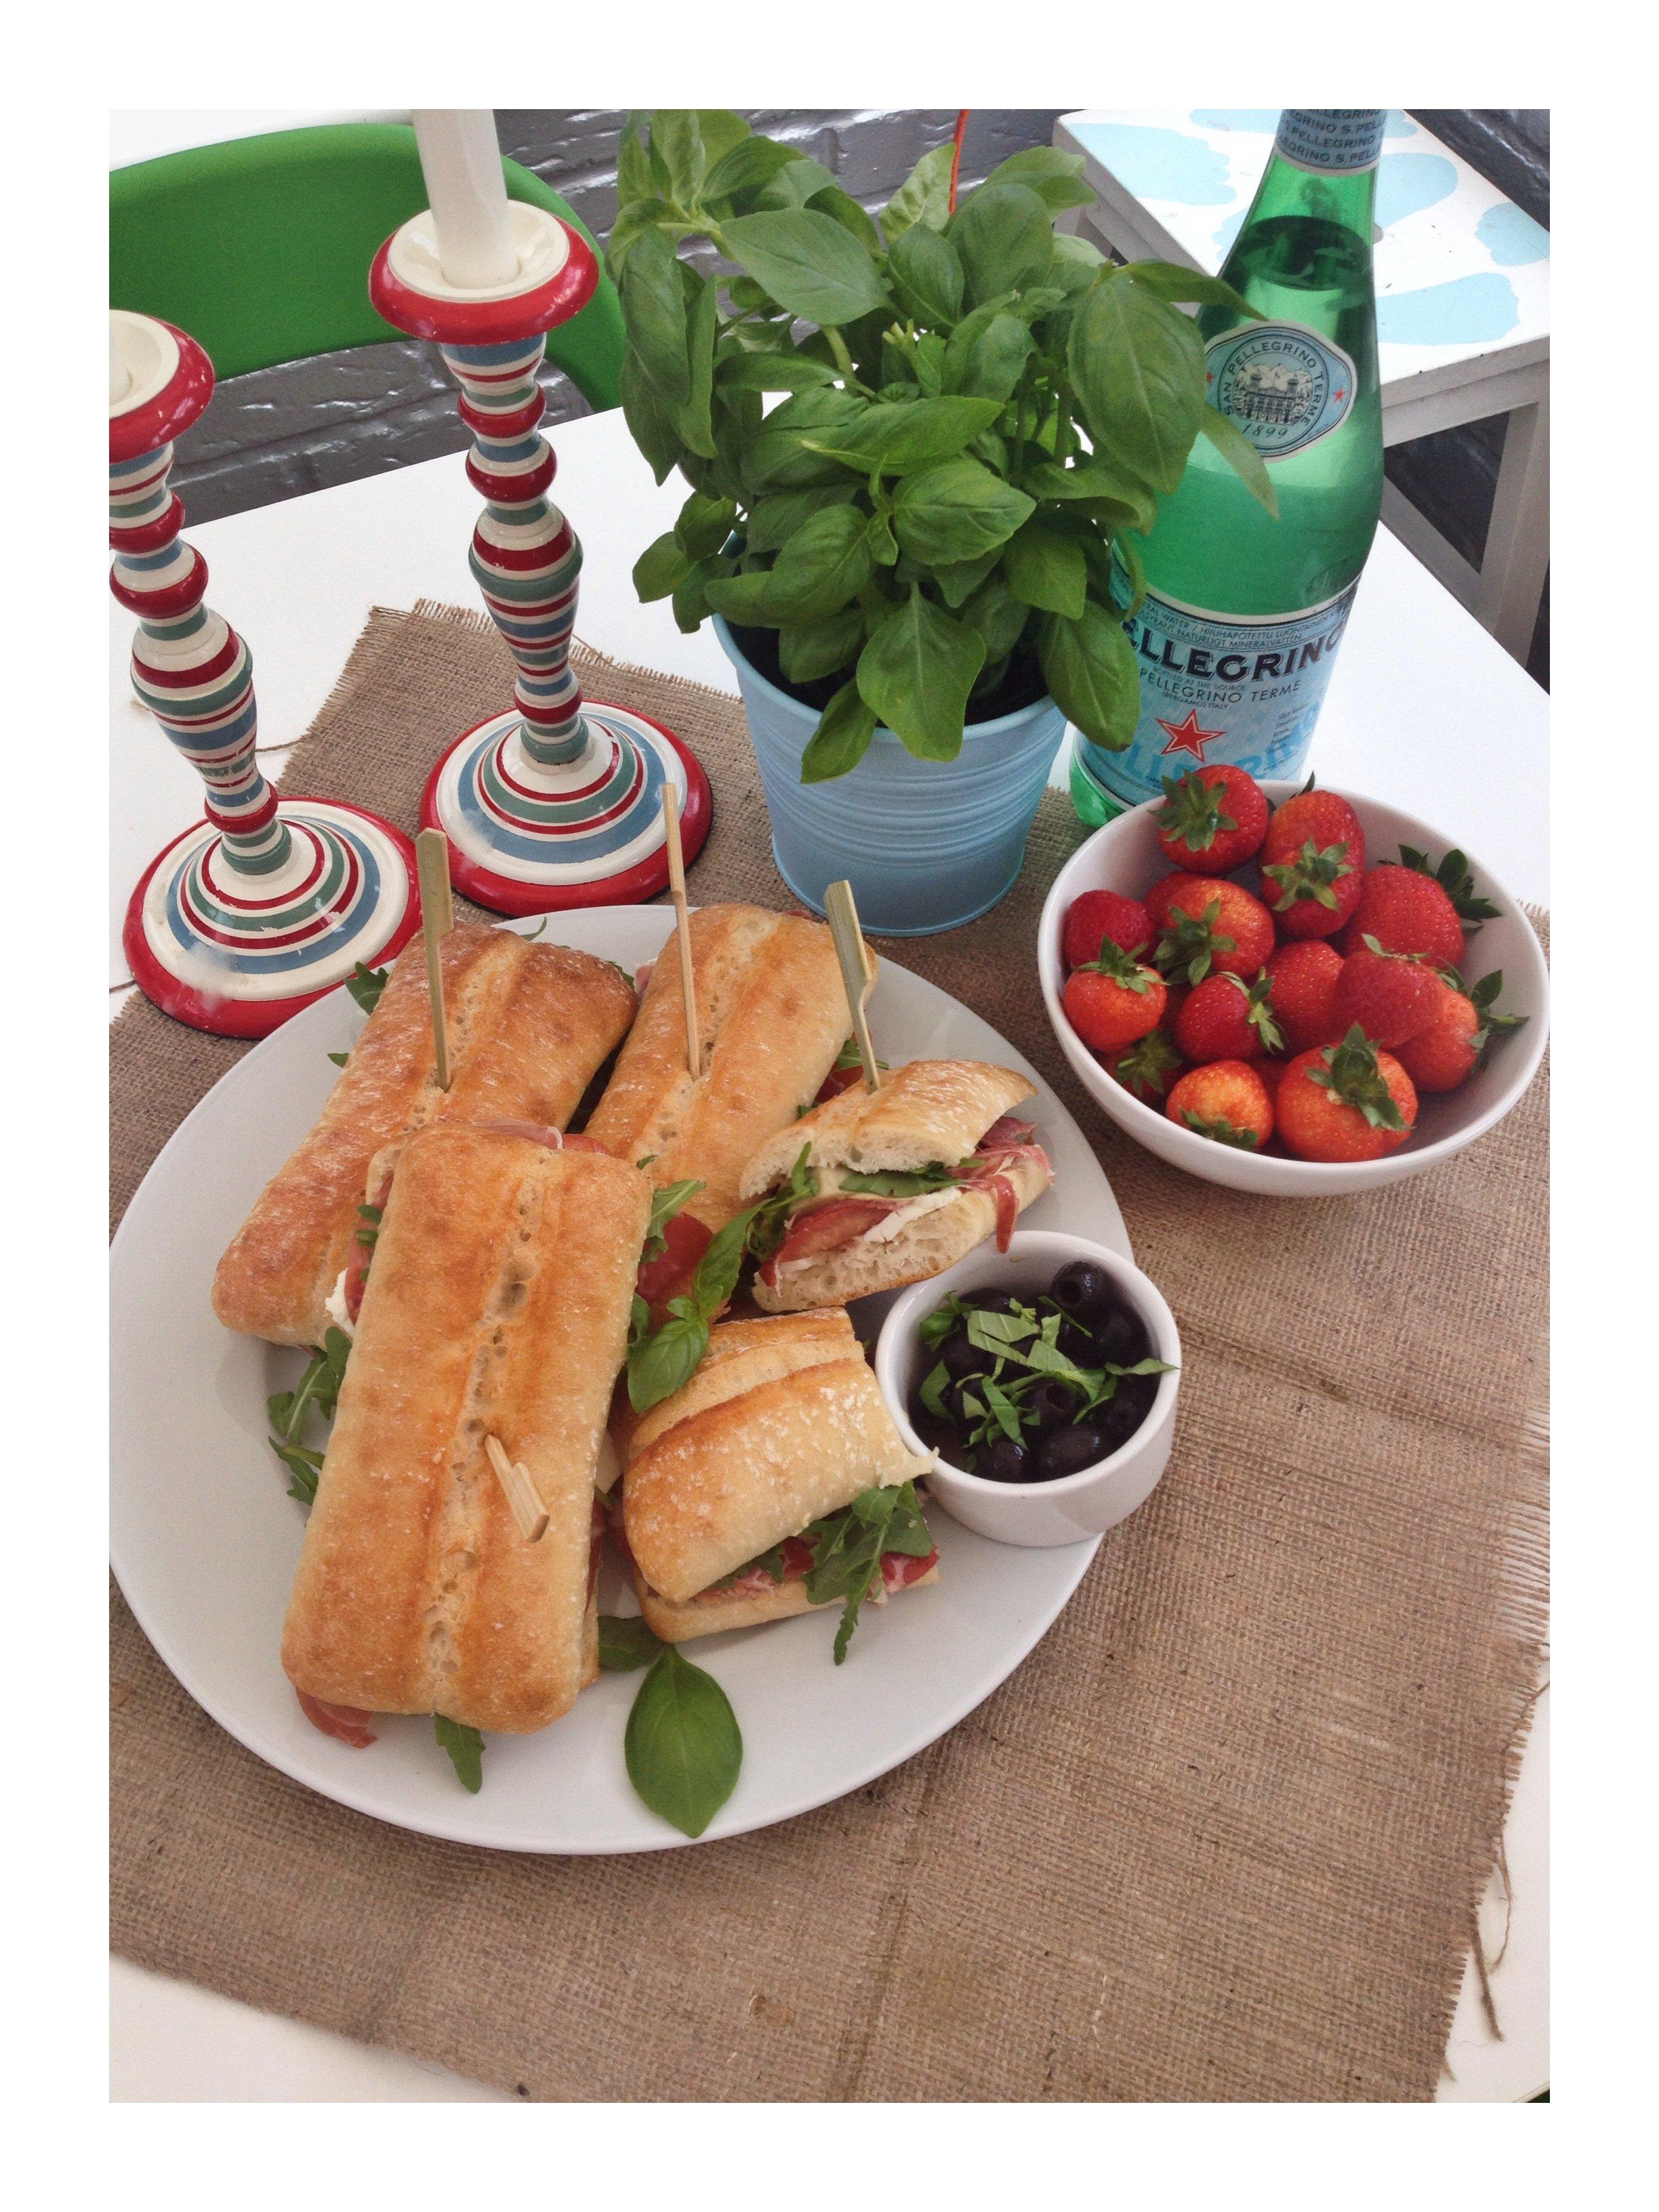 Italian style deli sandwiches